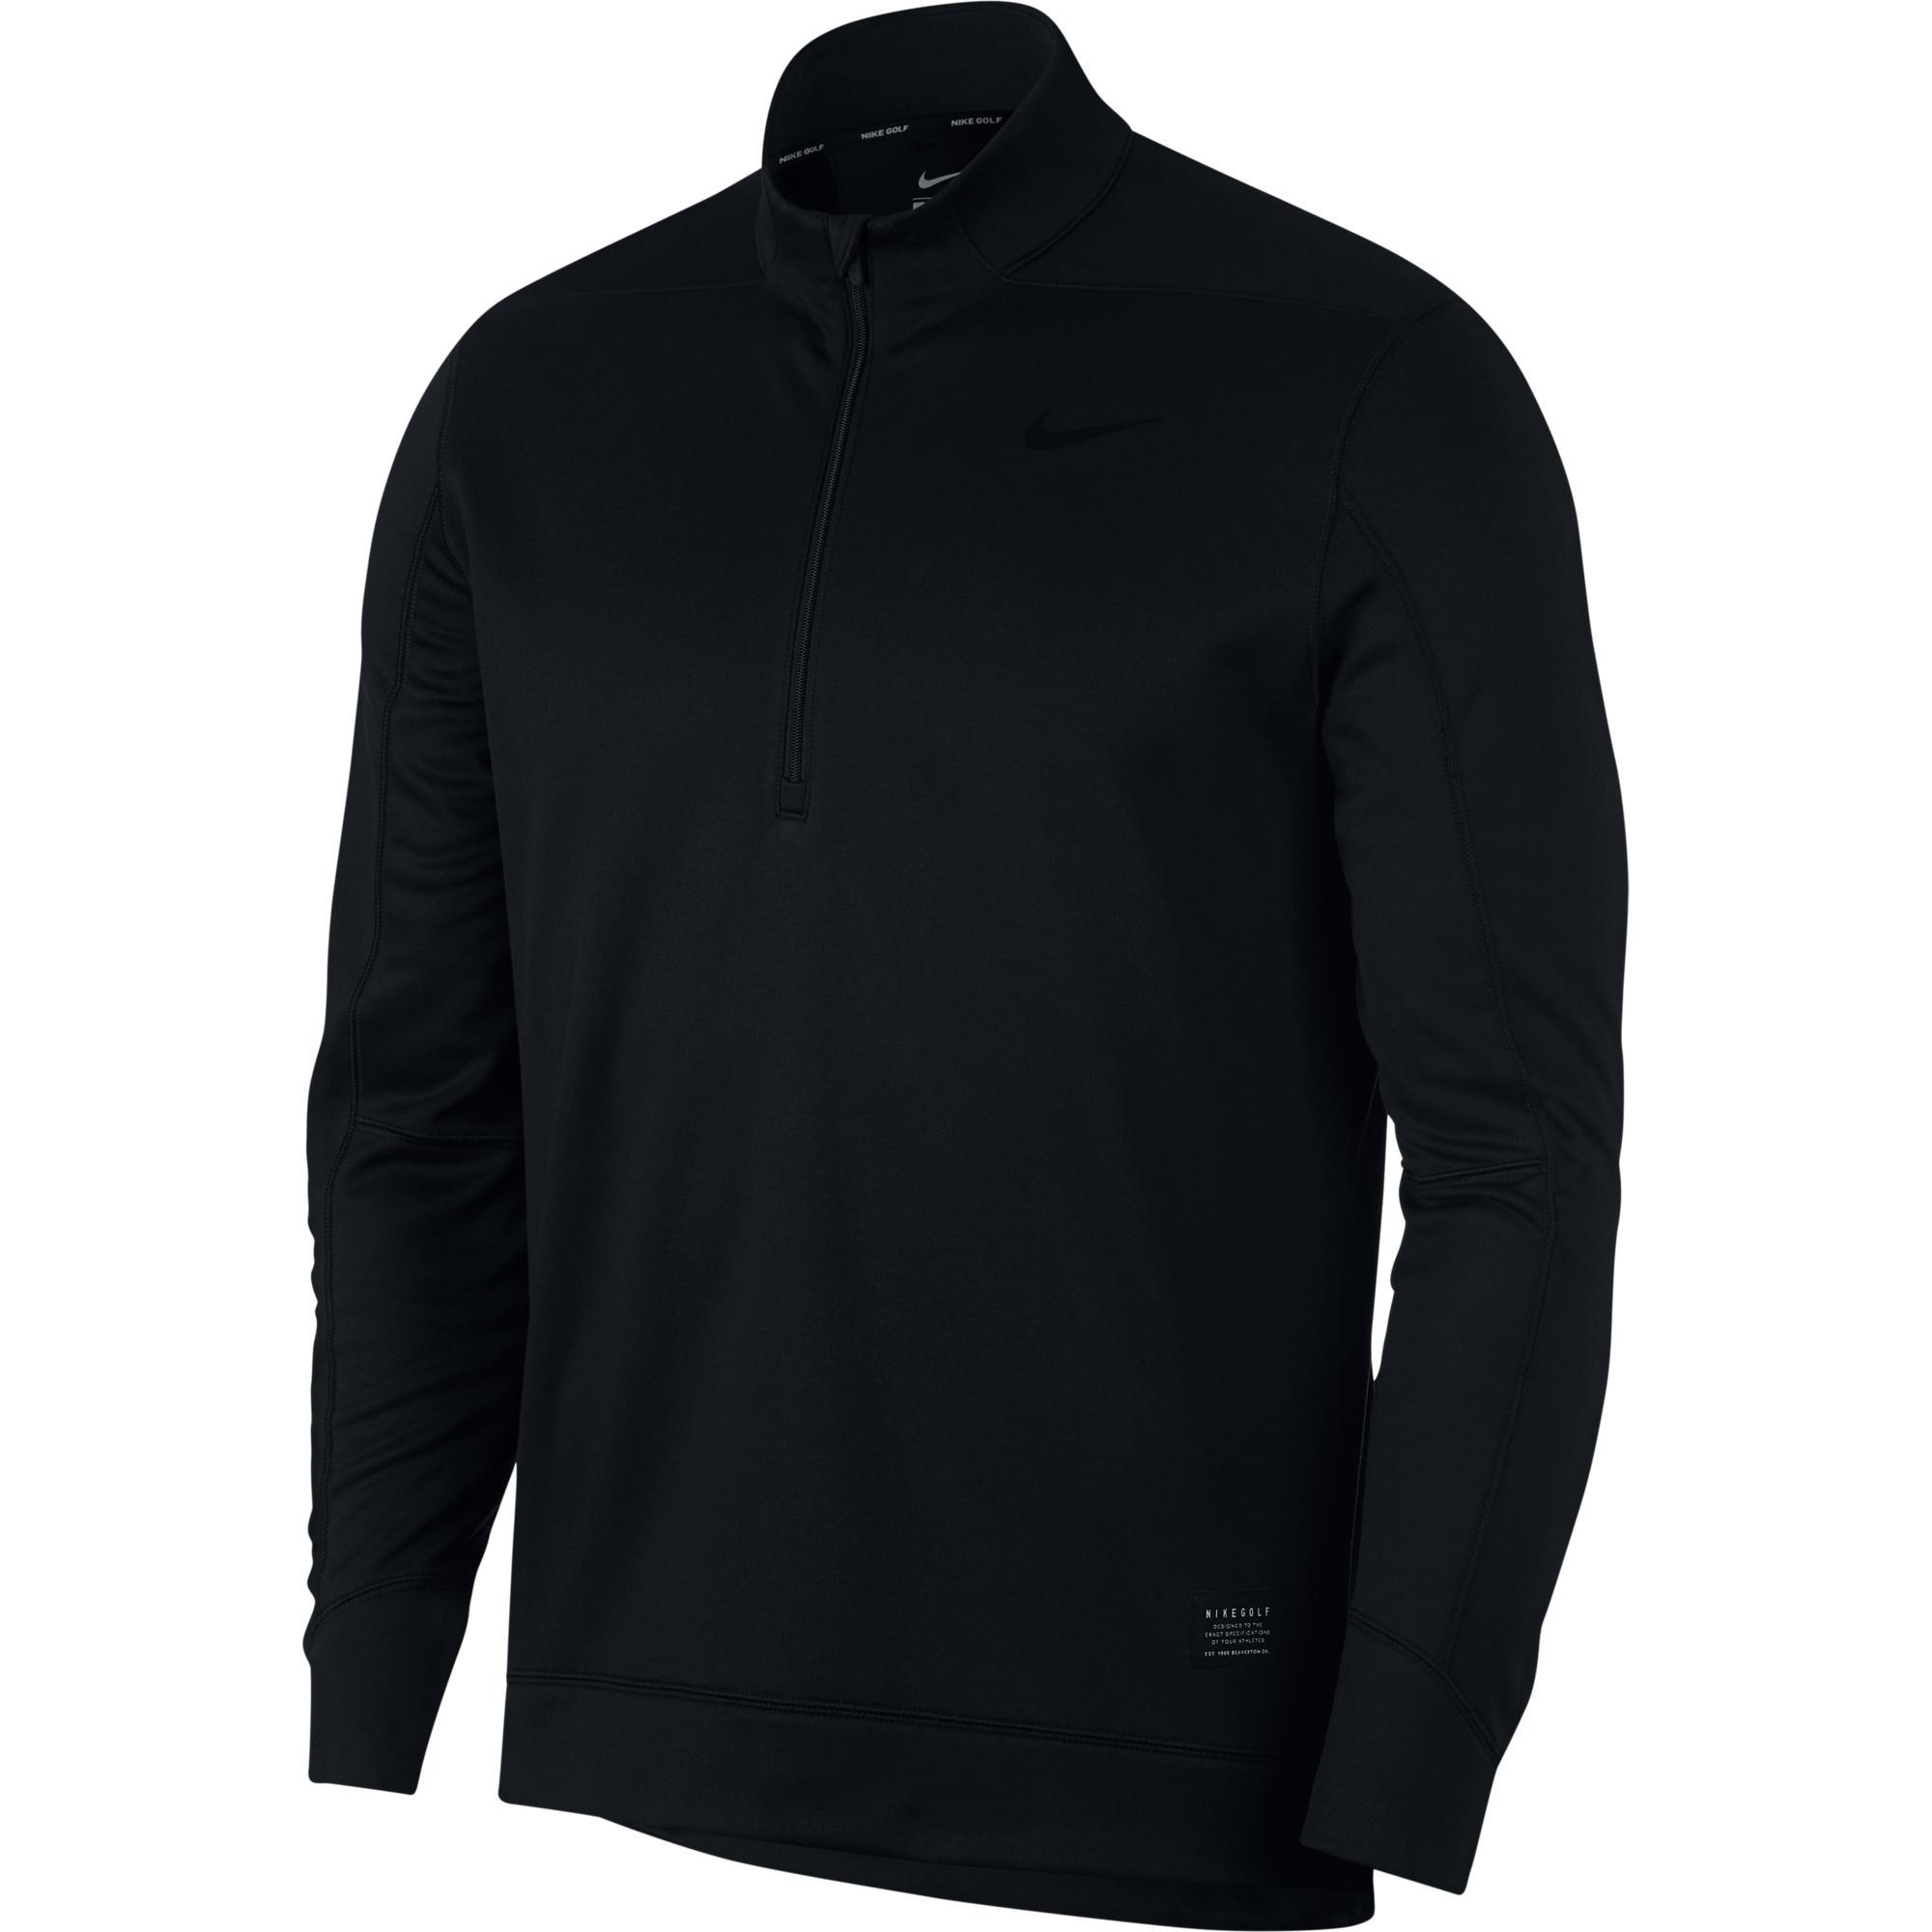 Men's Therma Repel 1/2 Zip Pullover